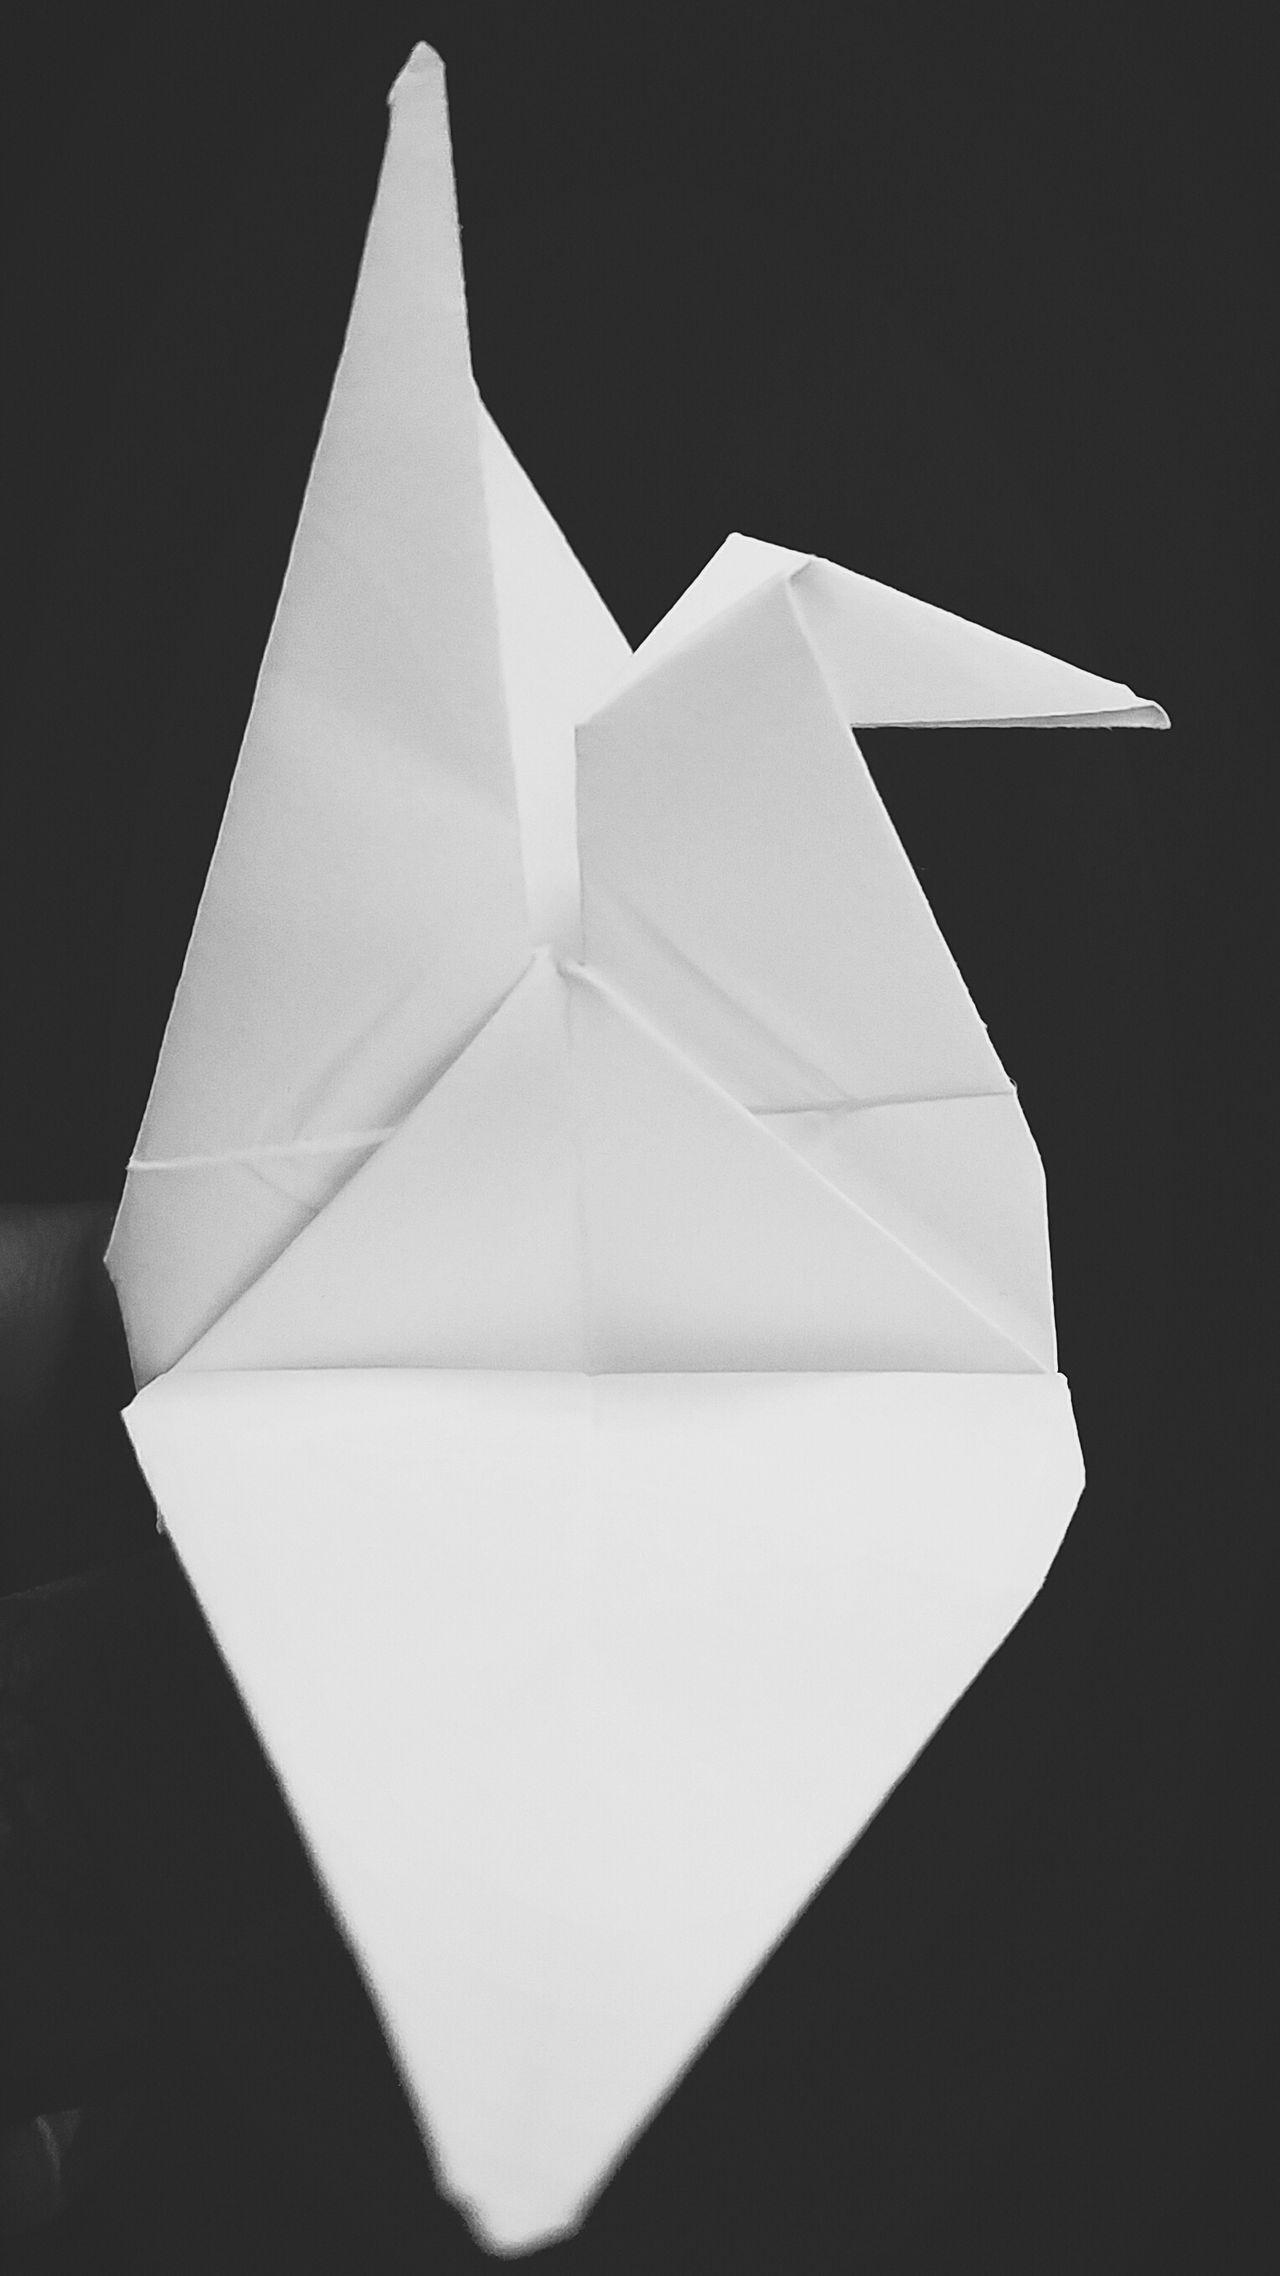 Origami Origami Cranes Origami Swan Origami Birds